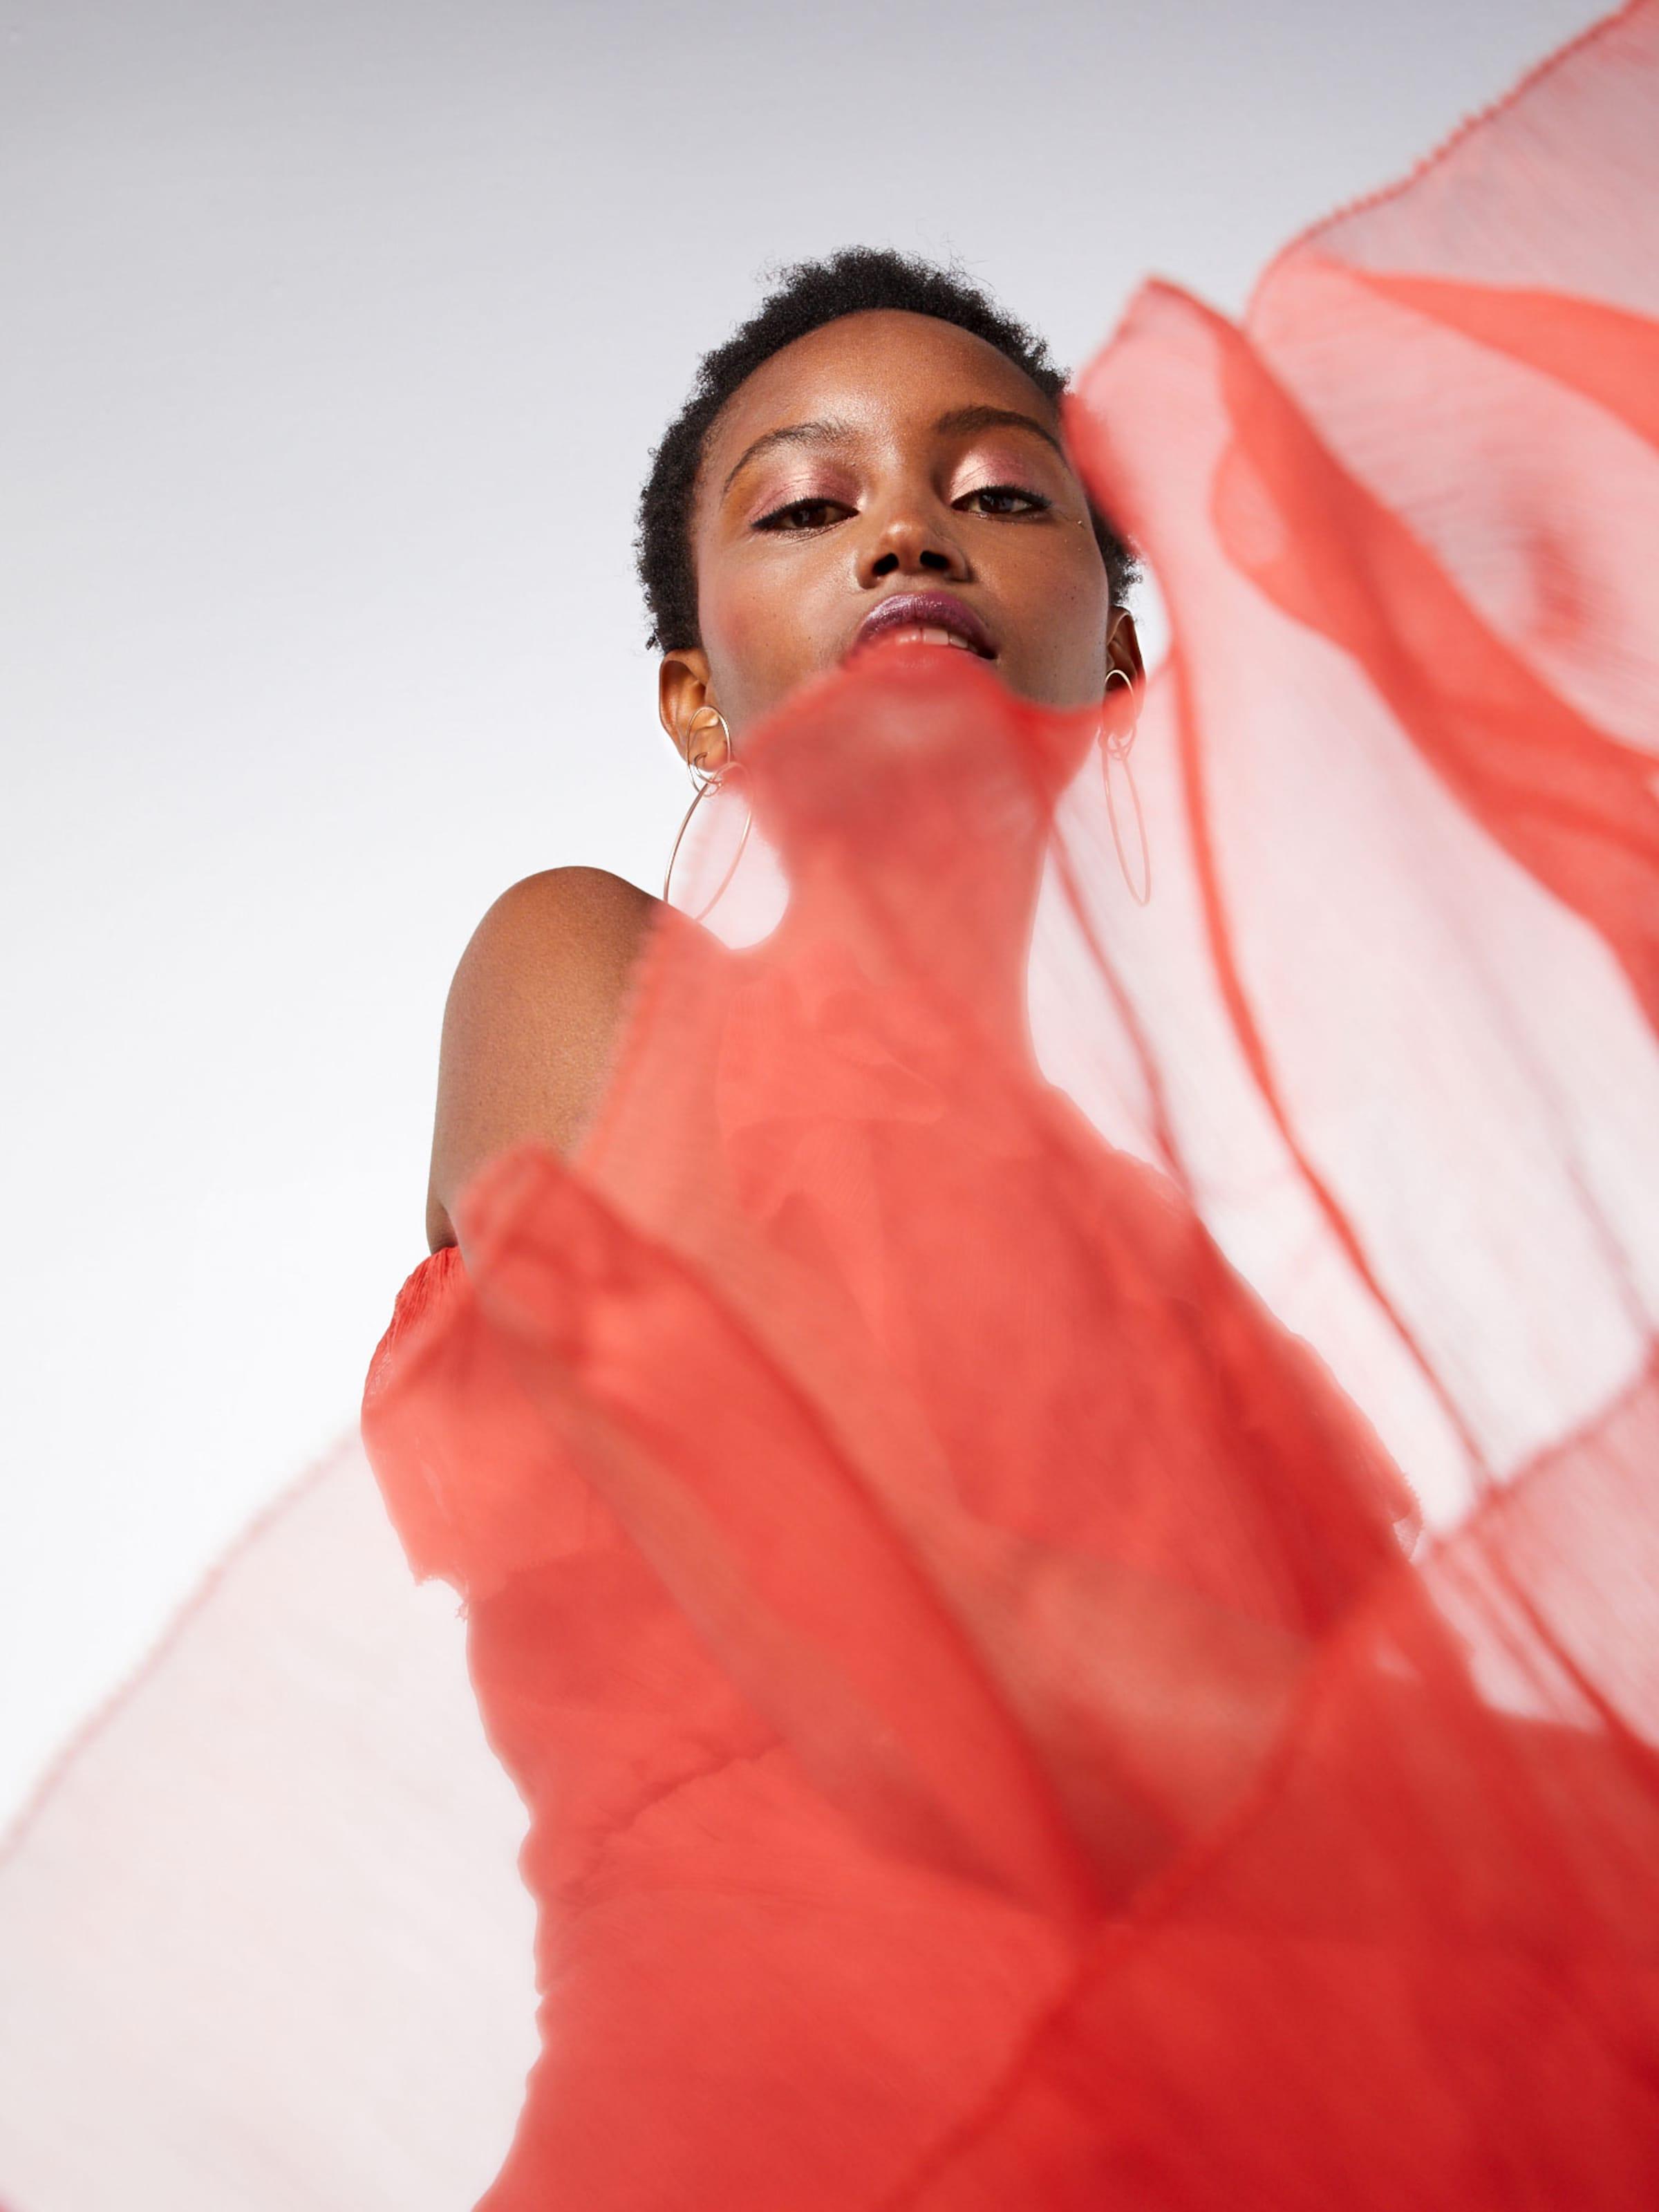 En 'achie' De Designers Robe Soirée Rouge Remix NwO8n0vym